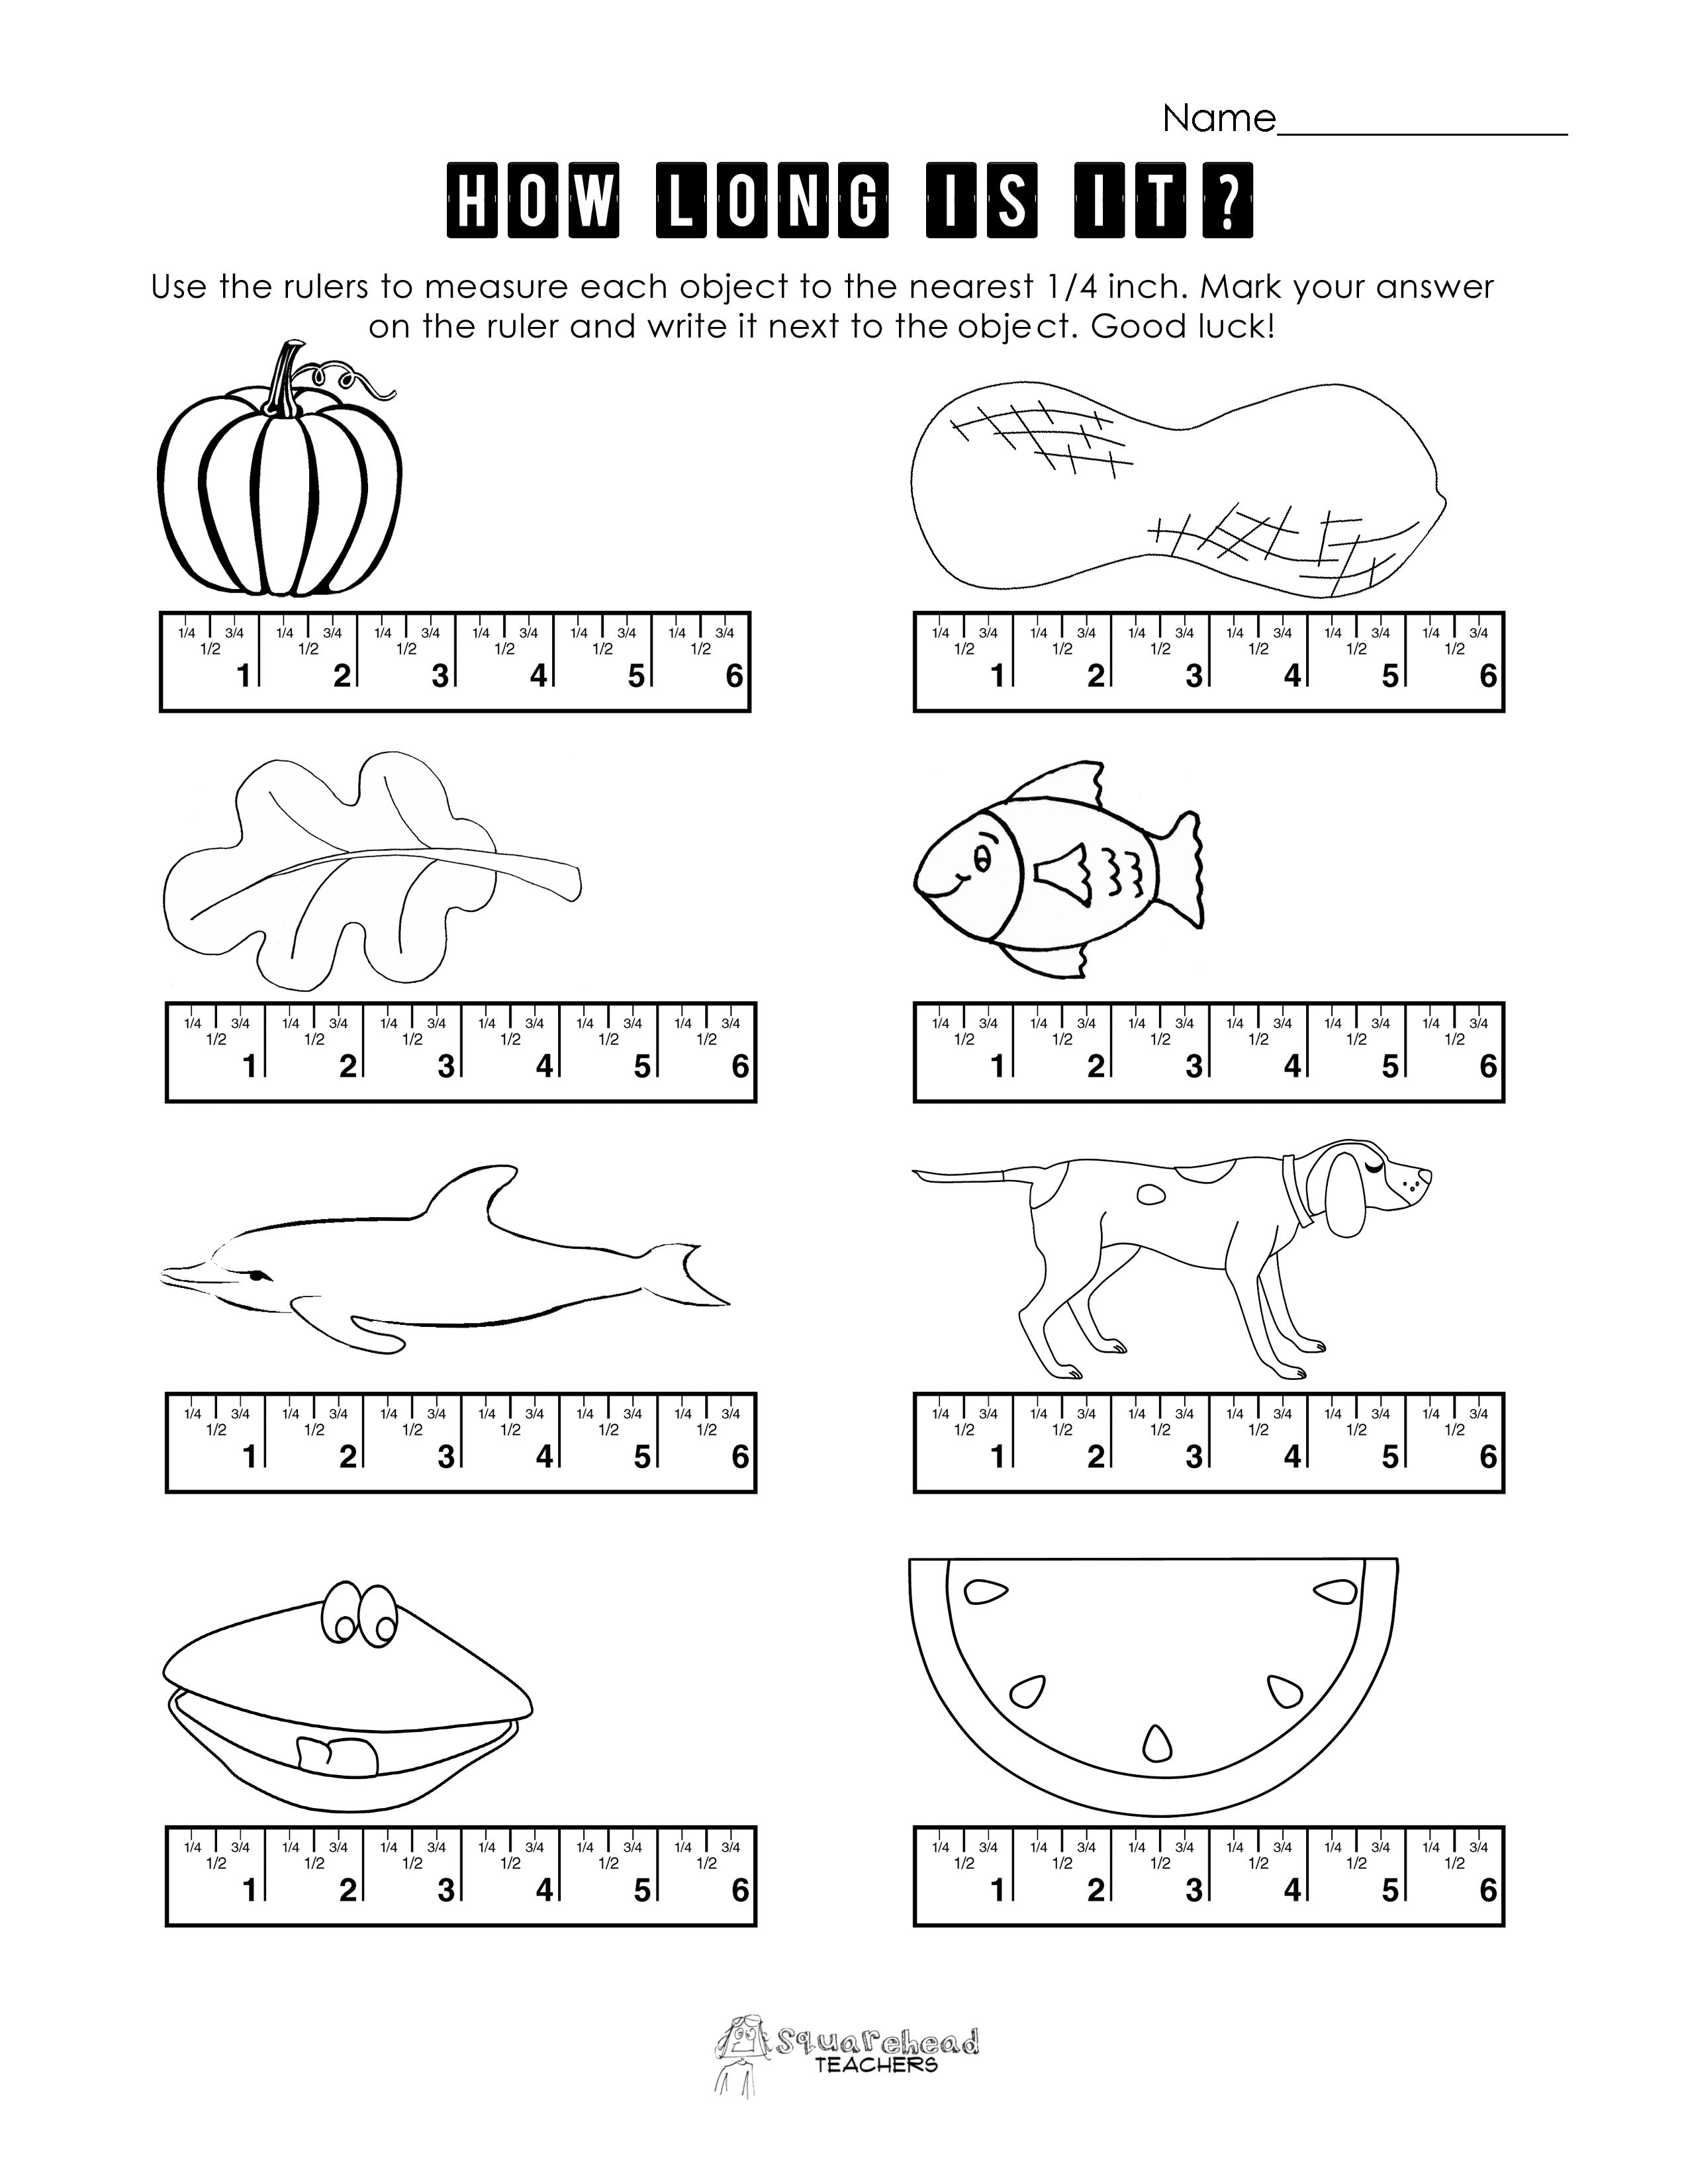 Ruler Worksheet For Grade 6